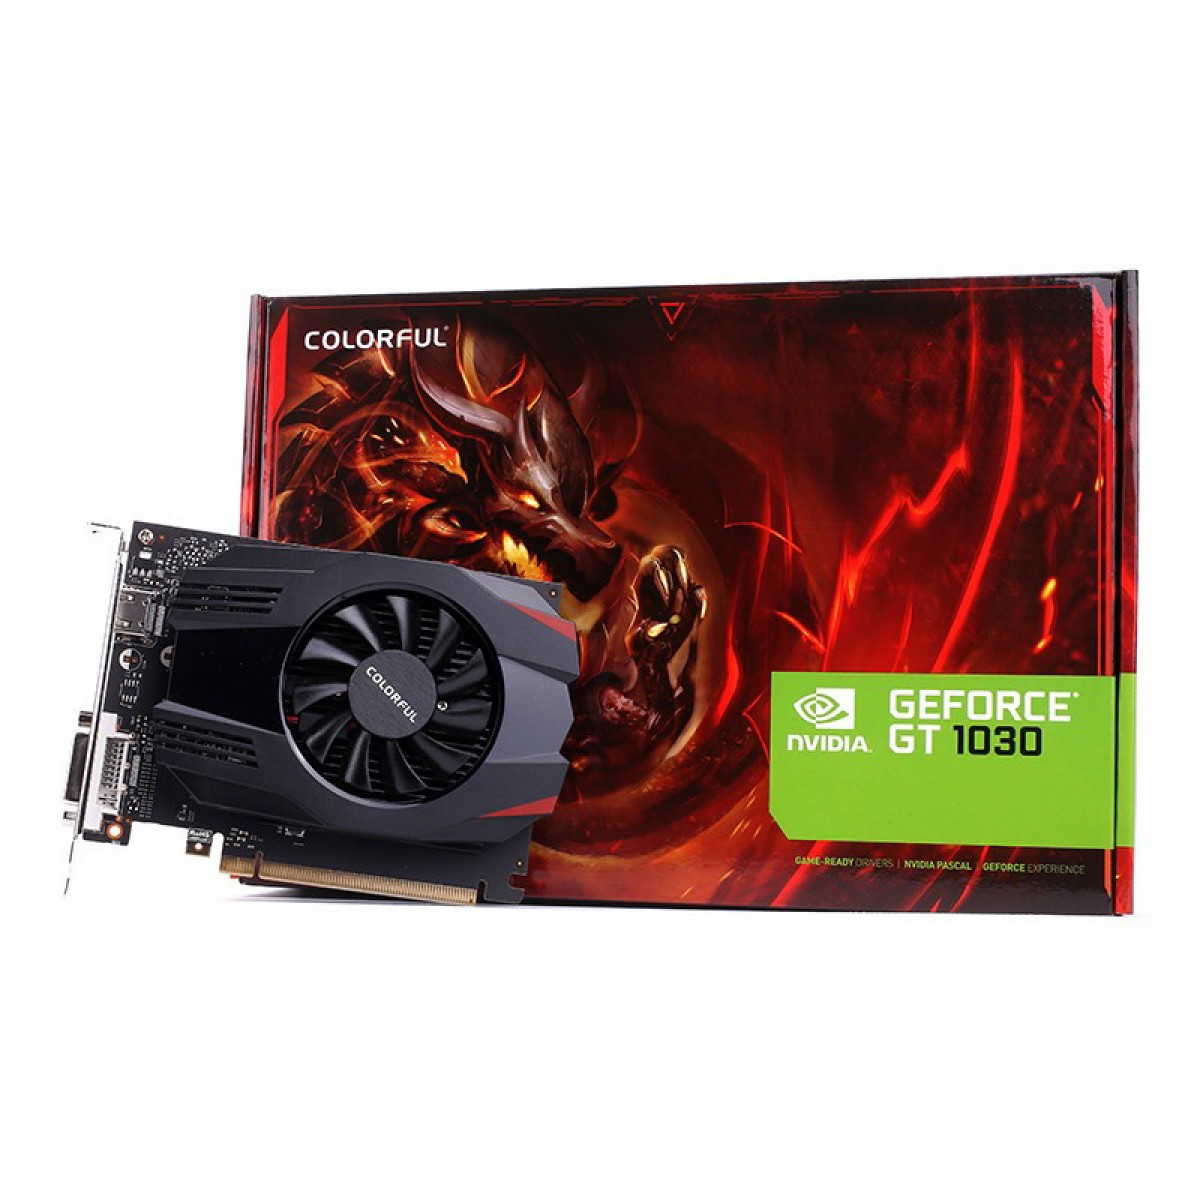 Placa de Vídeo Colorful, GeForce, GT 1030, 2GB, GDDR5, 64Bit, GT1030 2G V3-V - Open Box